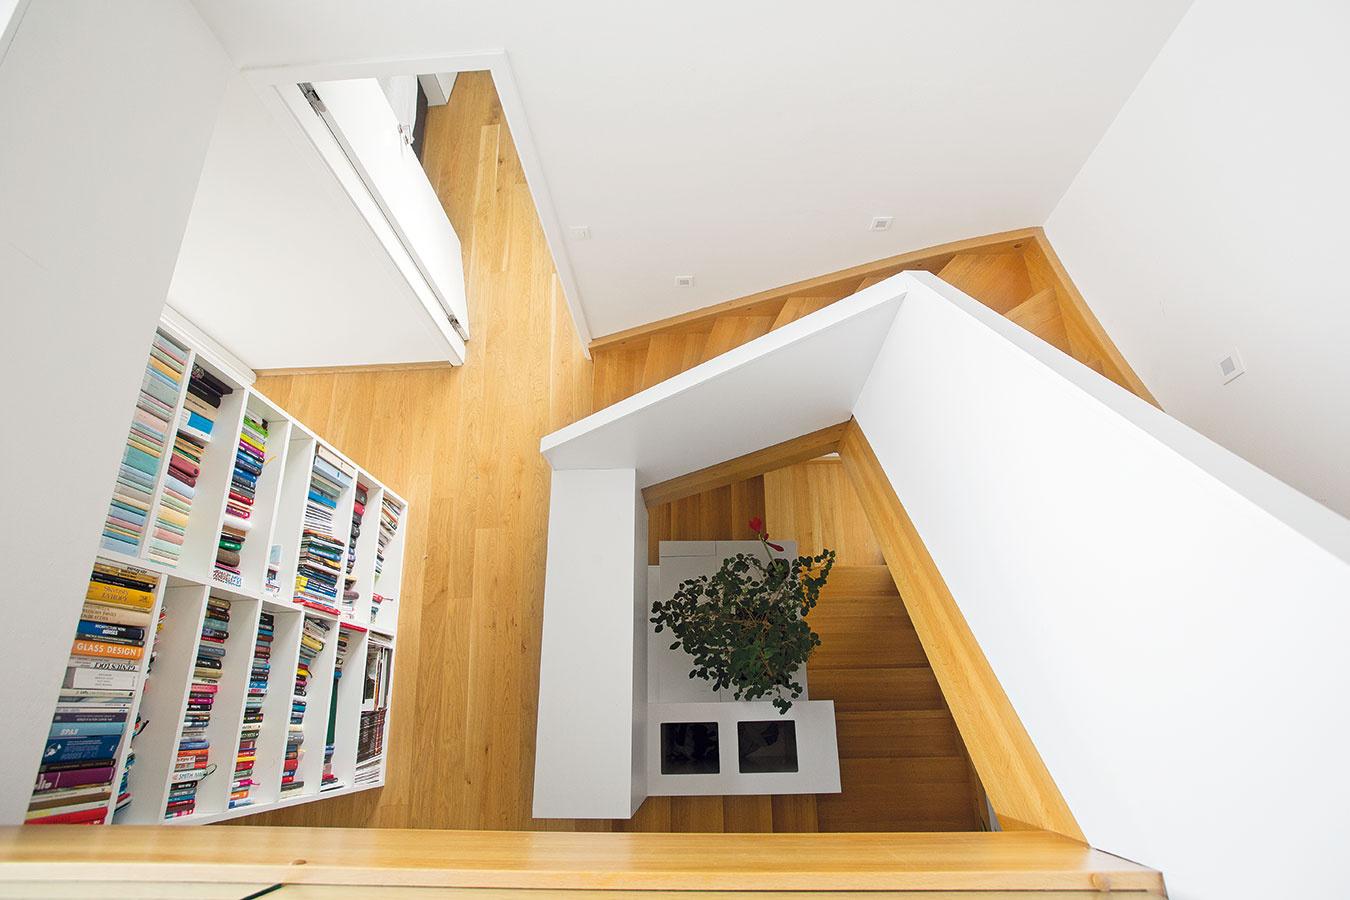 Odspodku až navrch. Schodisko je funkčným architektonickým prvkom. Prejsť sa ním znamená zažiť kompletnú prehliadku celého domu aodhaliť jeho netradičné výškové členenie.